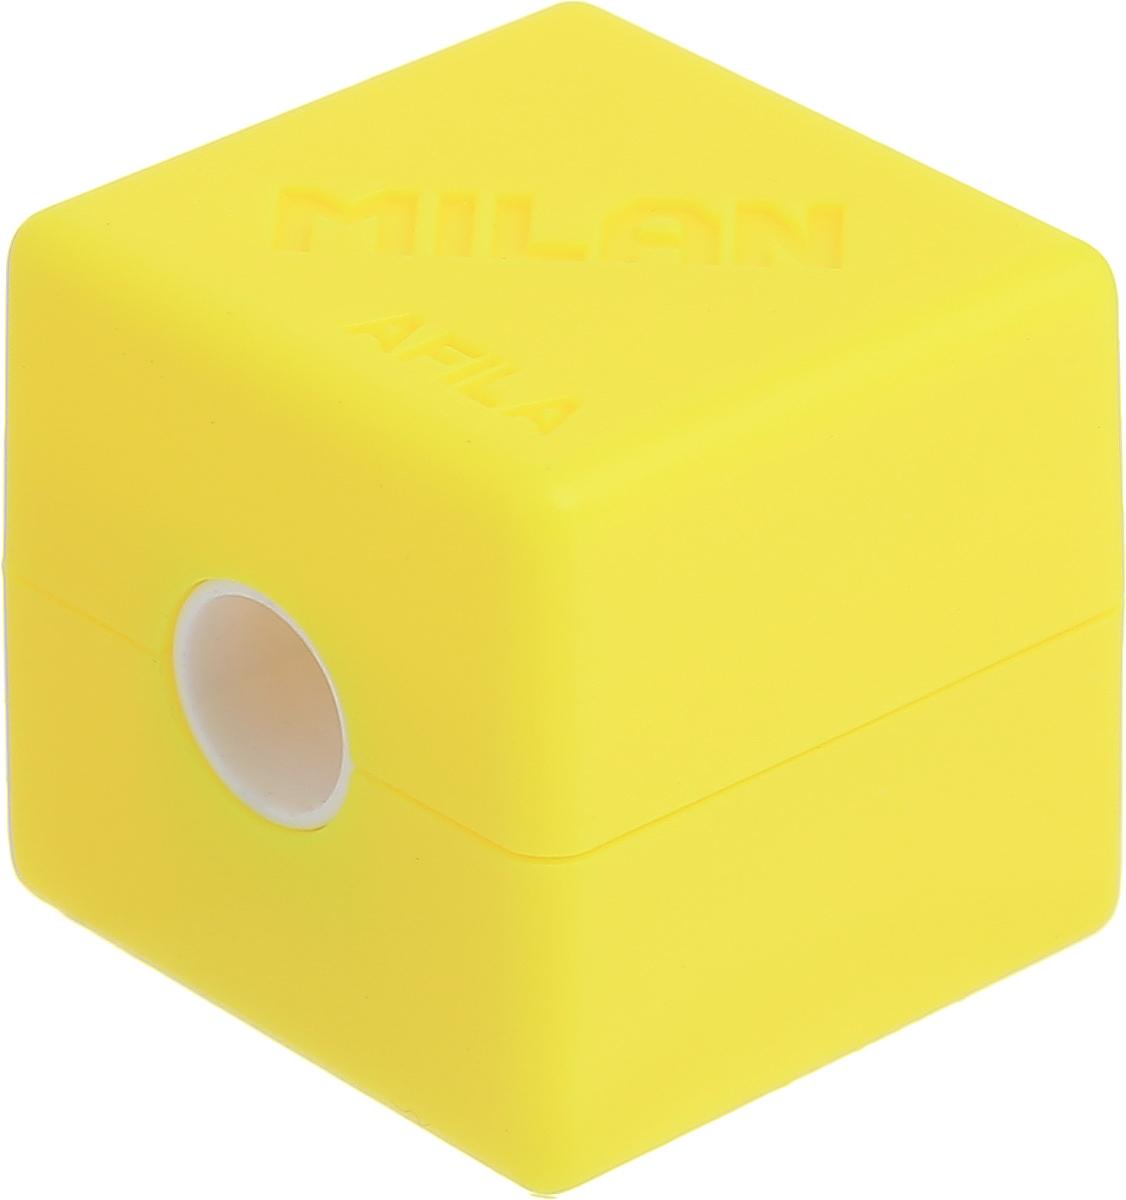 Milan Точилка Cubic с контейнером цвет желтый72523WDКомпактная точилка Milan Cubic с контейнером оснащена безопасной системой заточки.Эта система предотвращает отделение лезвия от точилки. Идеально подходит для использования в школах. Стальное лезвие острое и устойчиво к повреждению. Идеально подходит для заточки графитовых и цветных карандашей